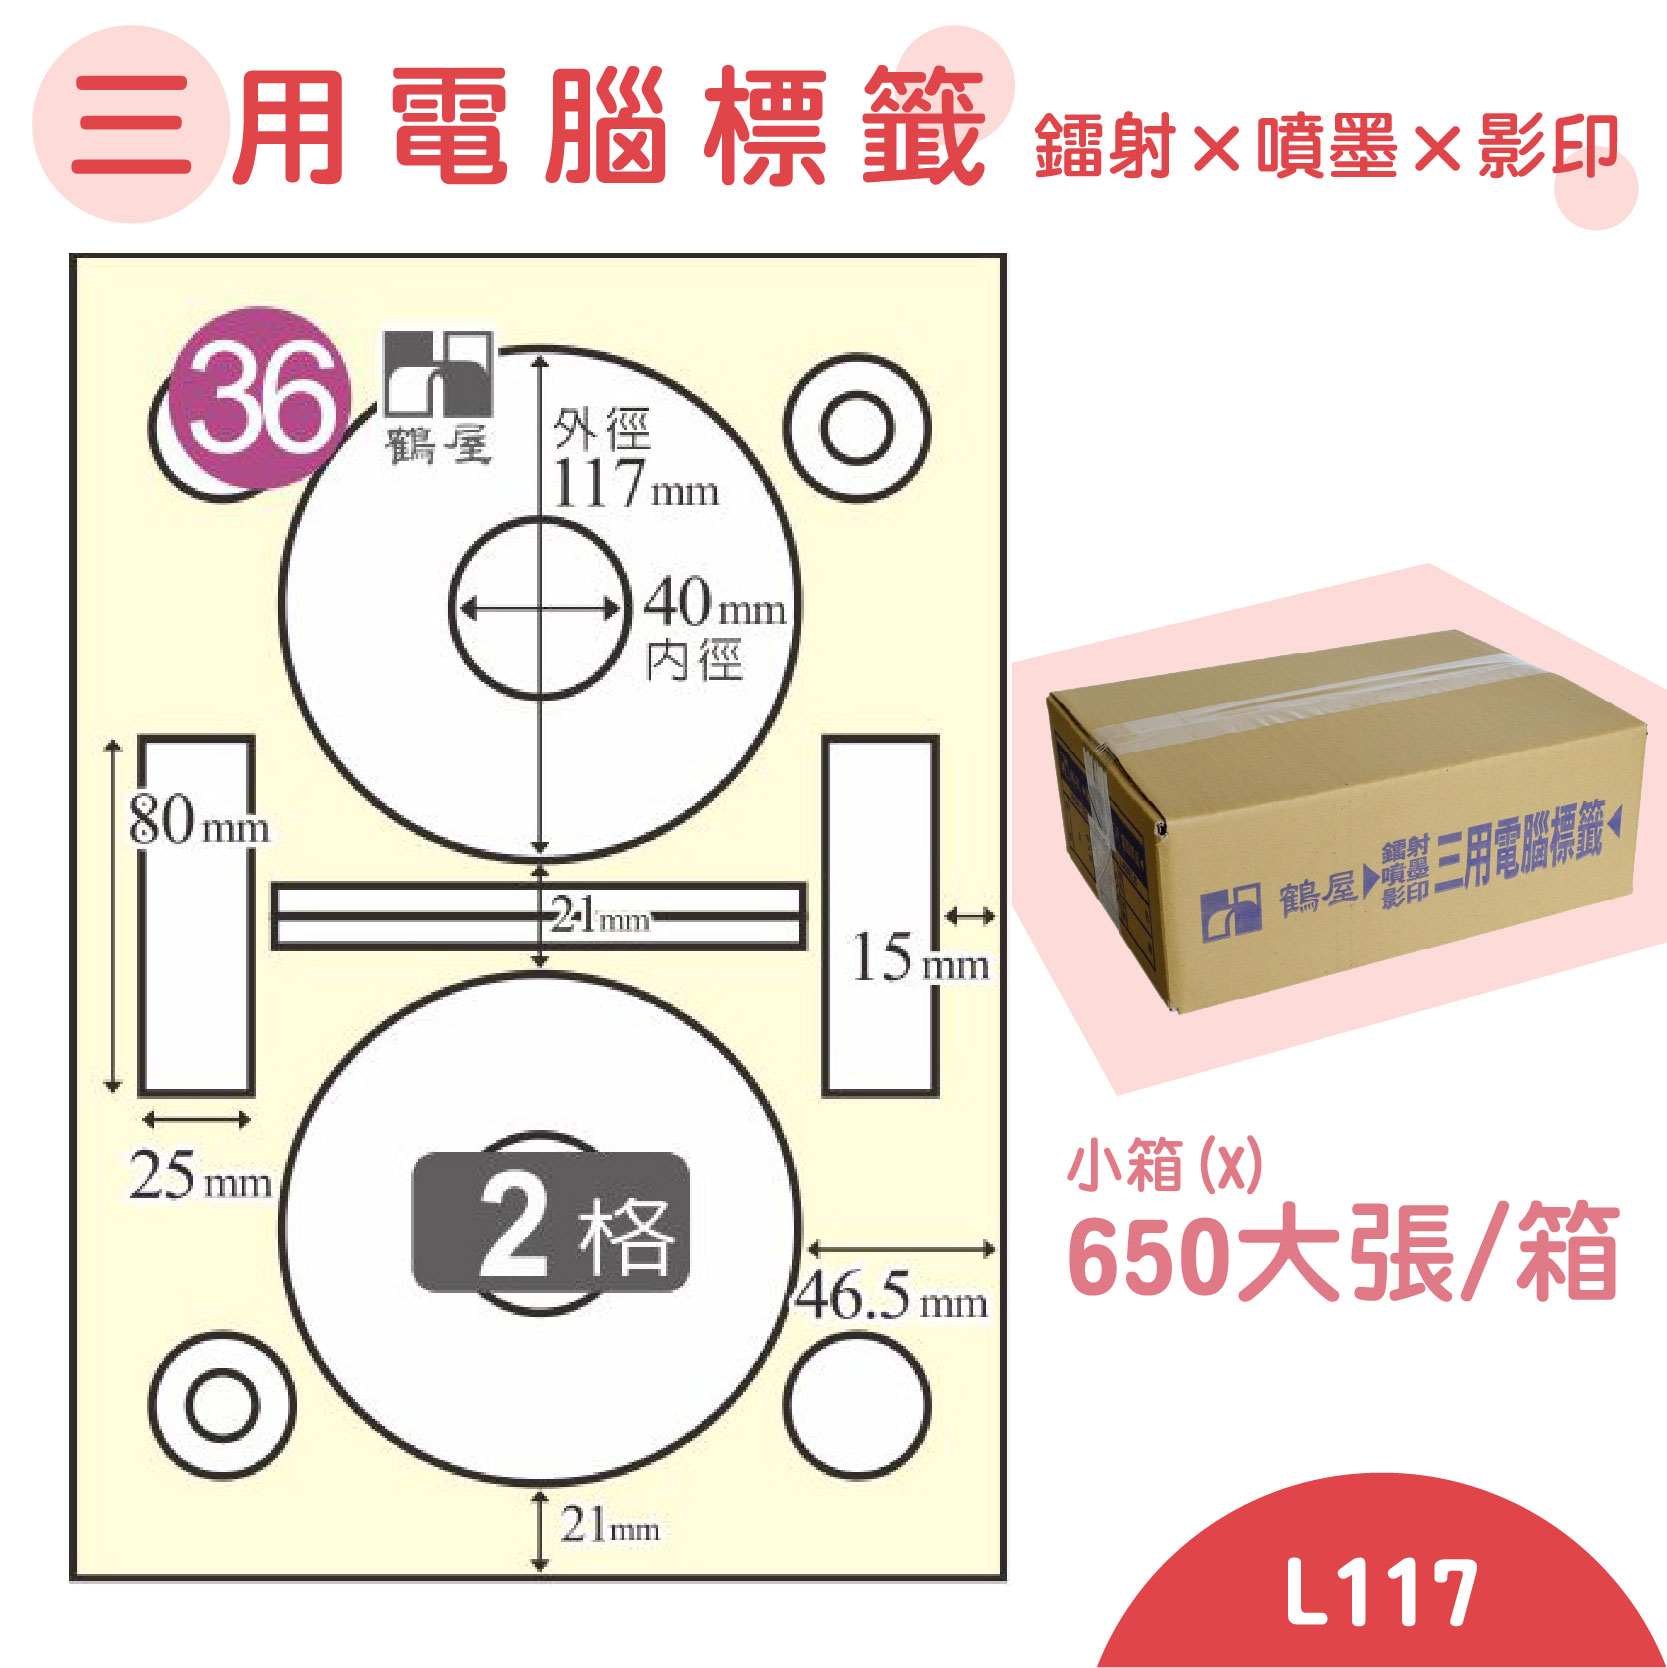 電腦標籤紙(鶴屋) 白色 L117 2格 650大張/小箱 影印 雷射 噴墨 三用 標籤 貼紙 信封 光碟 名條